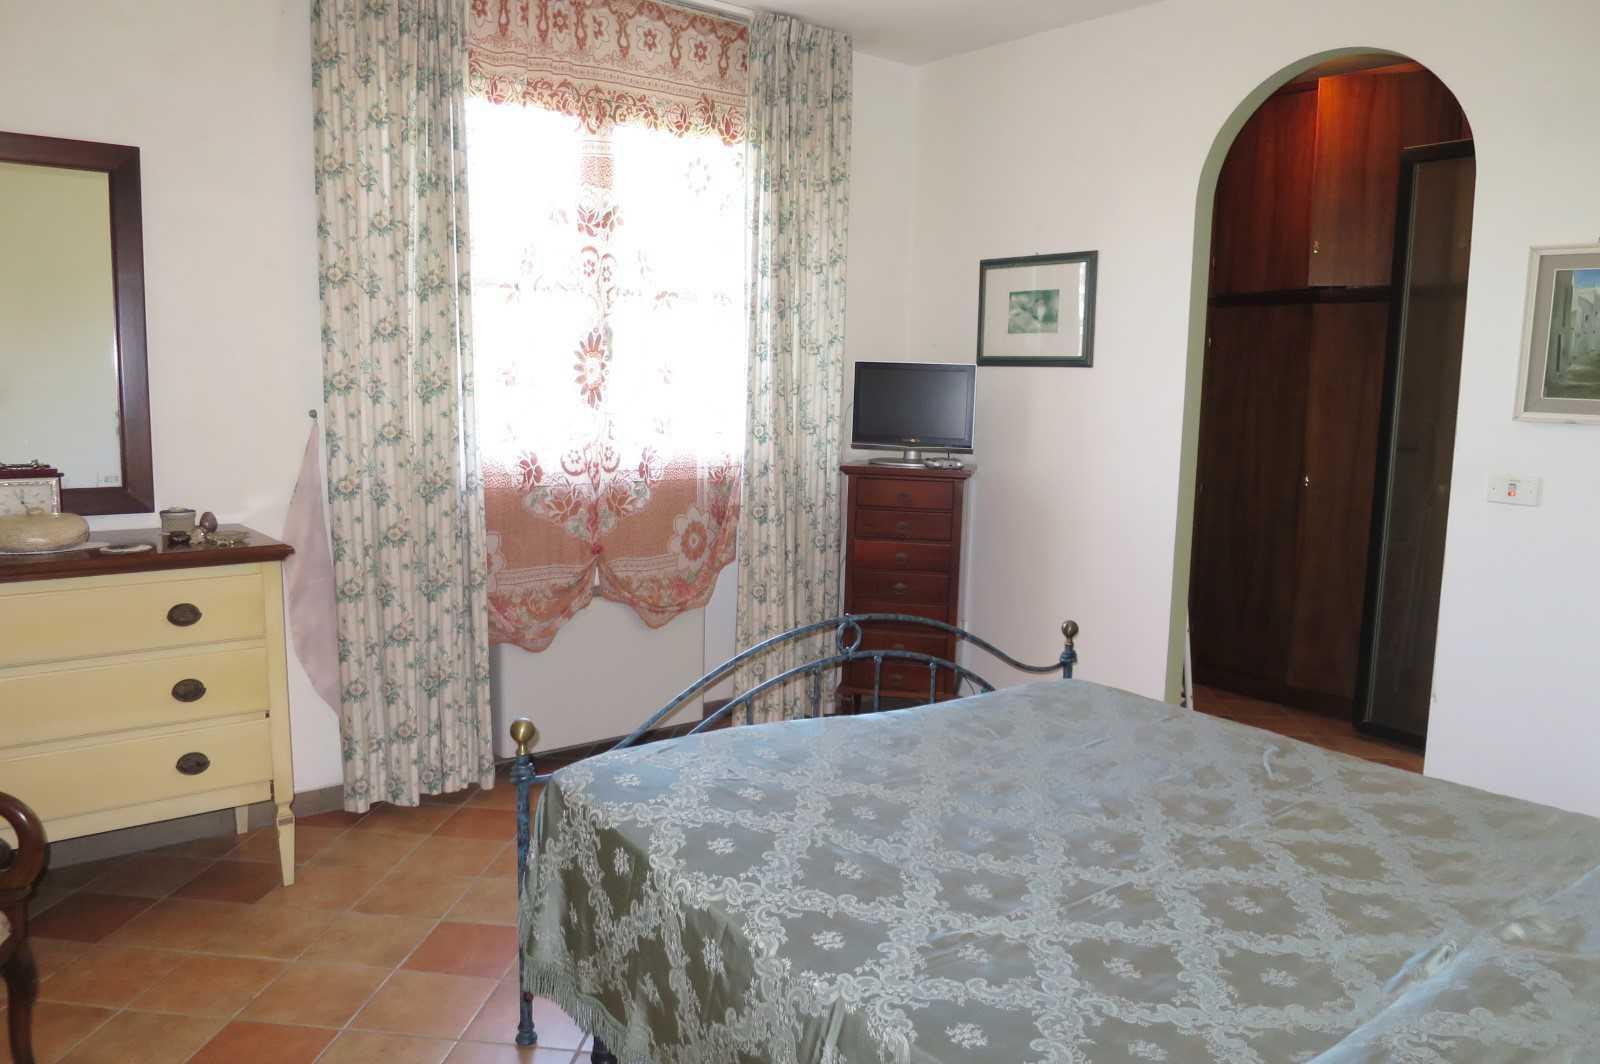 Villa Villa for sale Atri (TE), Villa Paola - Atri - EUR 462.107 190